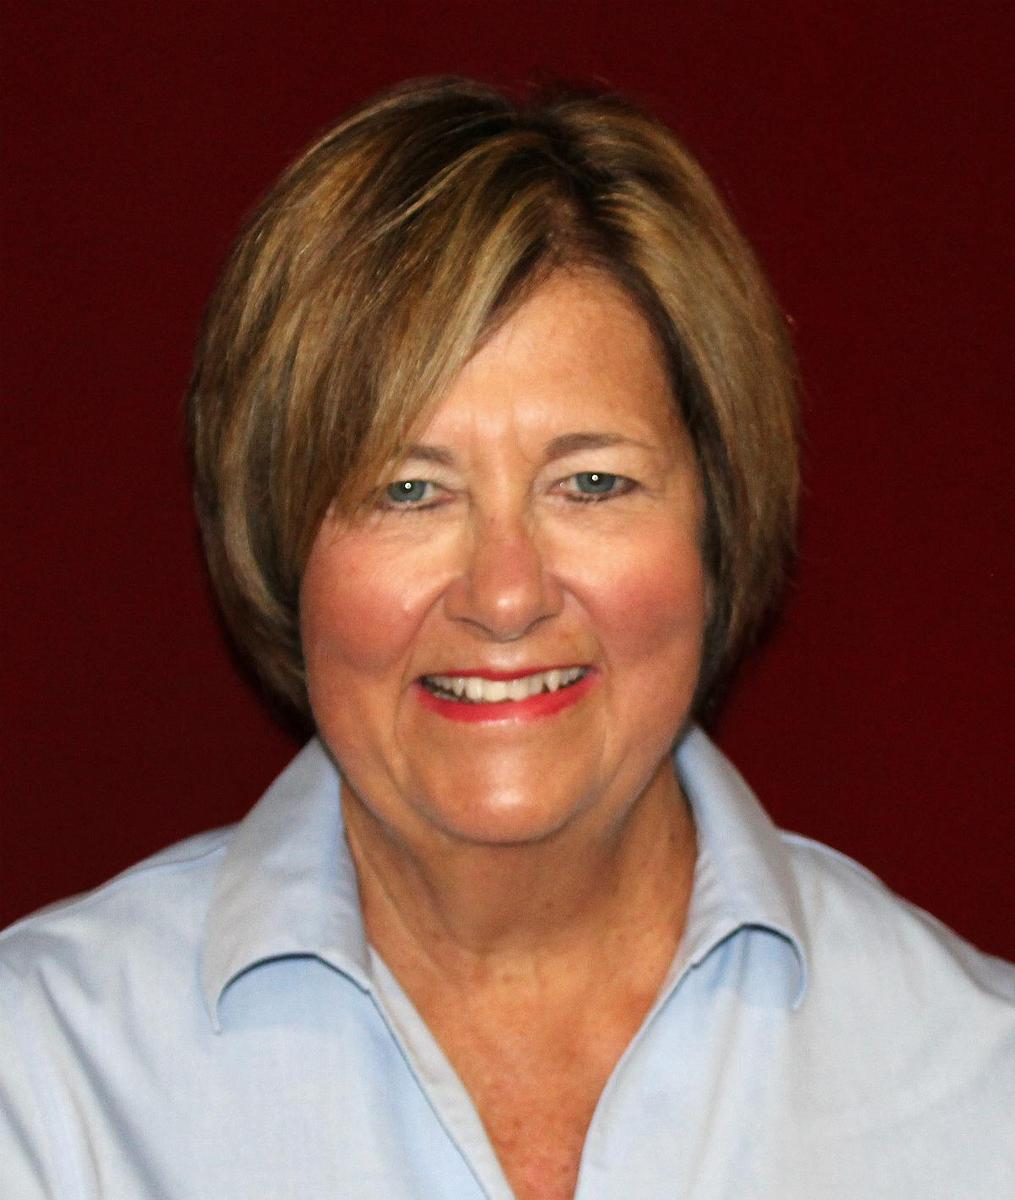 photo of Board member Airhart